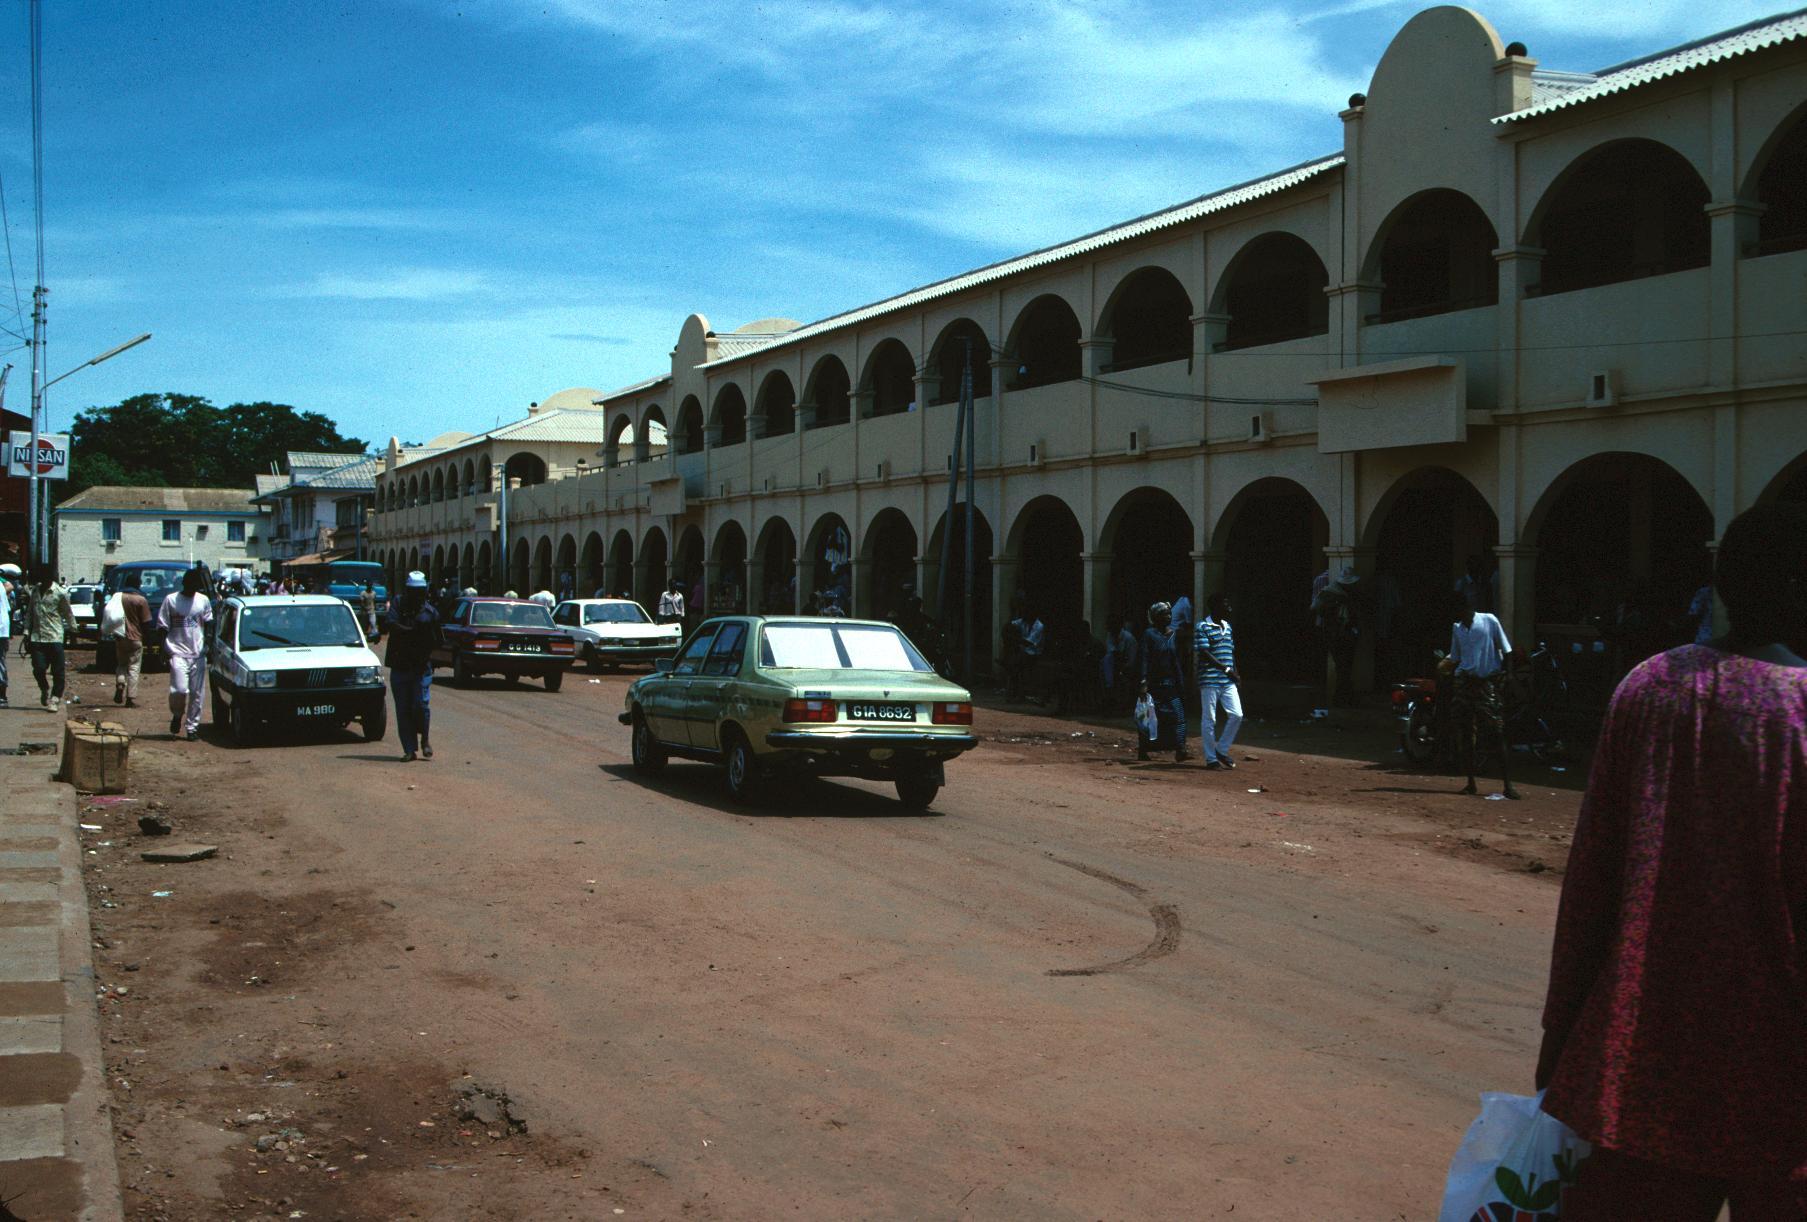 Entrance to Albert's Market in Banjul